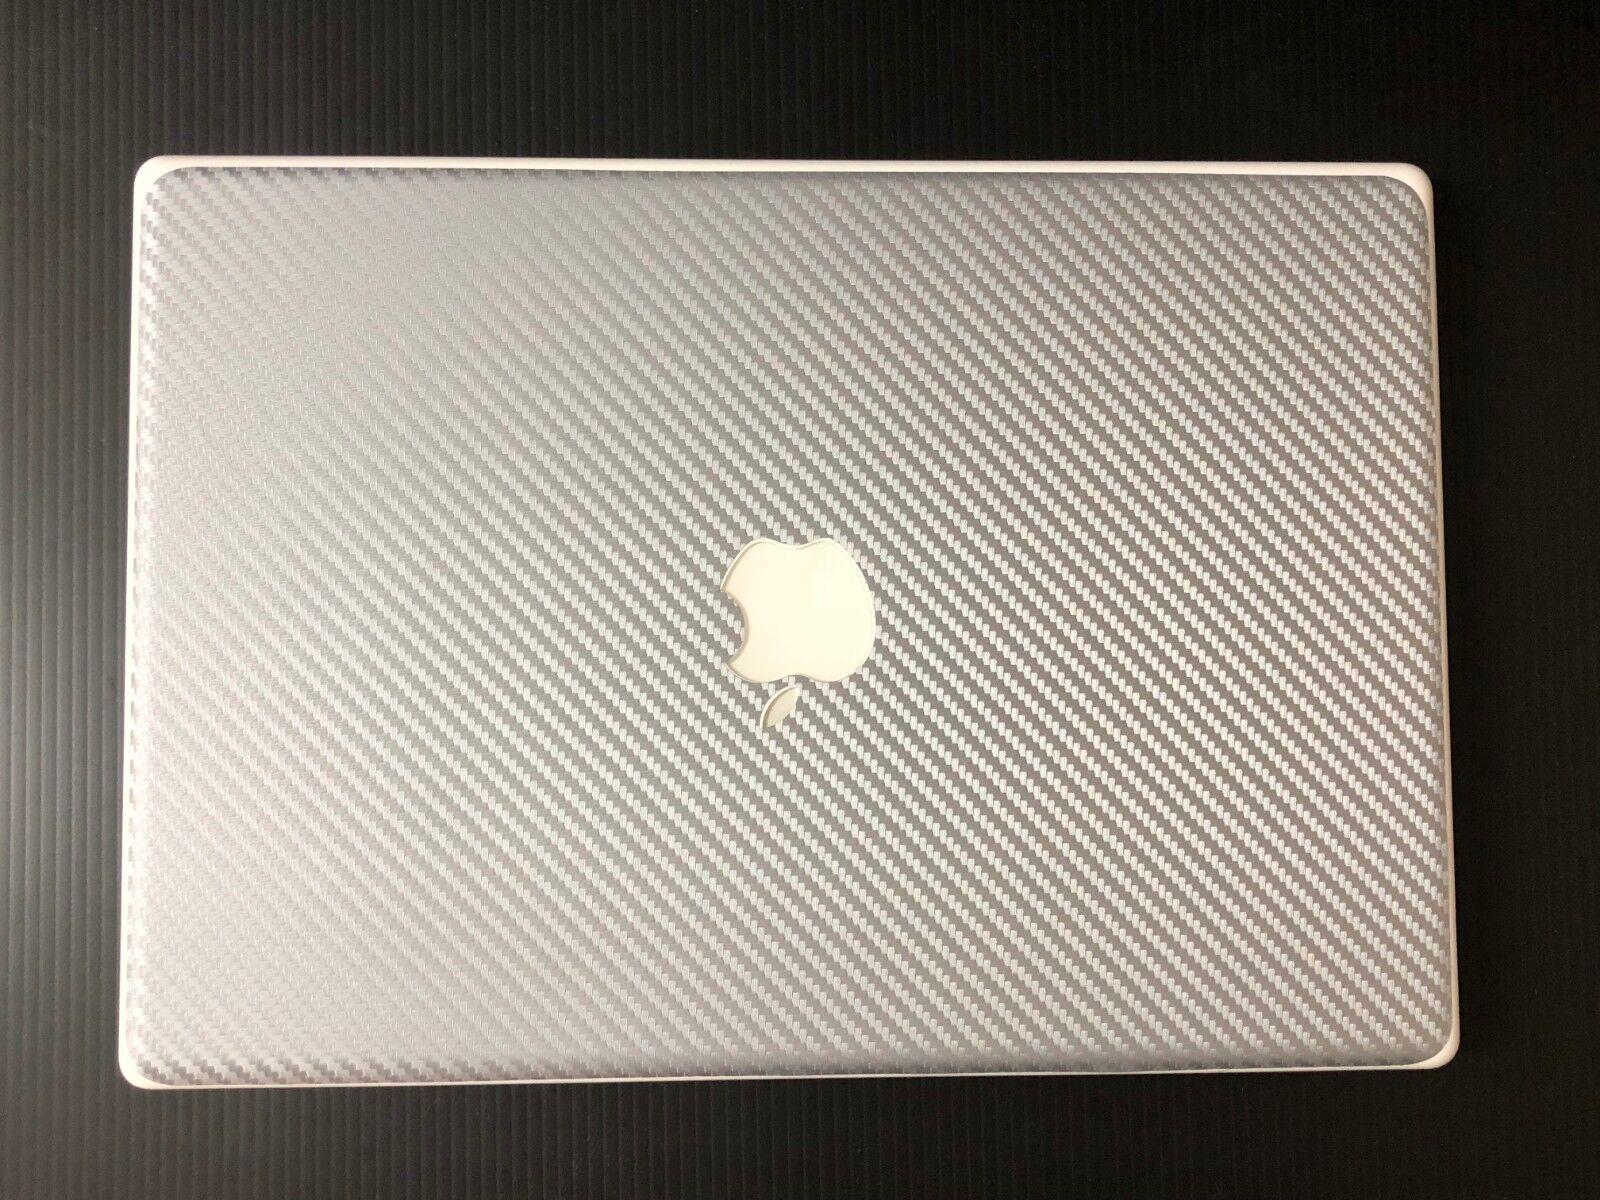 """FAST Apple MacBook 13.3"""" Laptop Core 2 Duo - 2GB RAM 120GB HD + OFFICE+WARRANTY"""